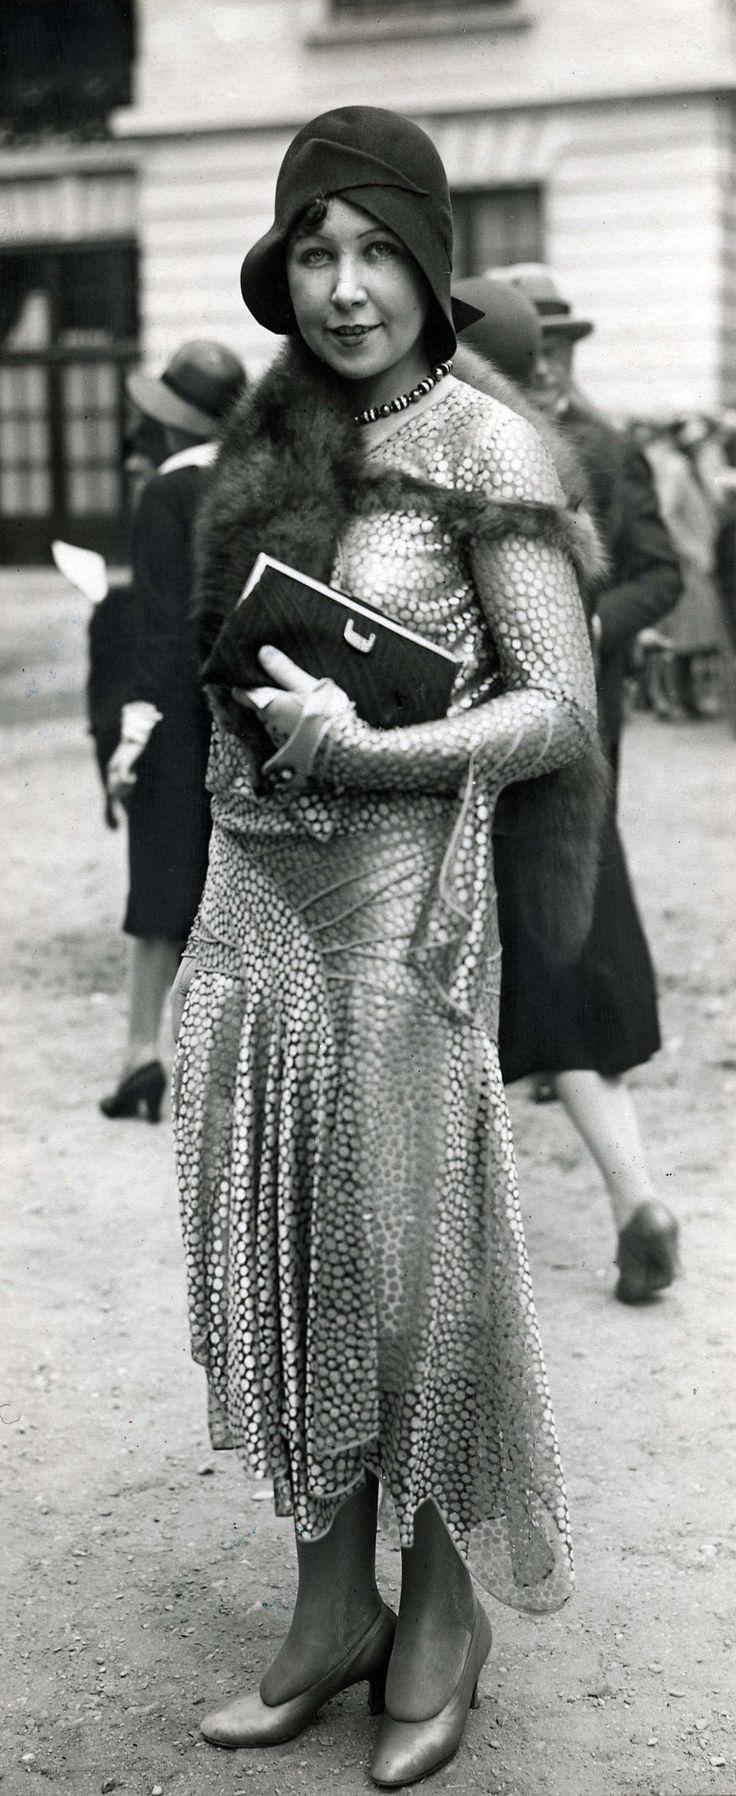 14-11-11  Damesmode. Op de renbaan bij Longchamps wordt de laatste mode getoond. Japon met lage taille en ongelijke rokrand. Om de hals een vosje. Het model draagt daarbij een helmvormige hoed en hoge hakken. Longchamps, Frankrijk, 1929.